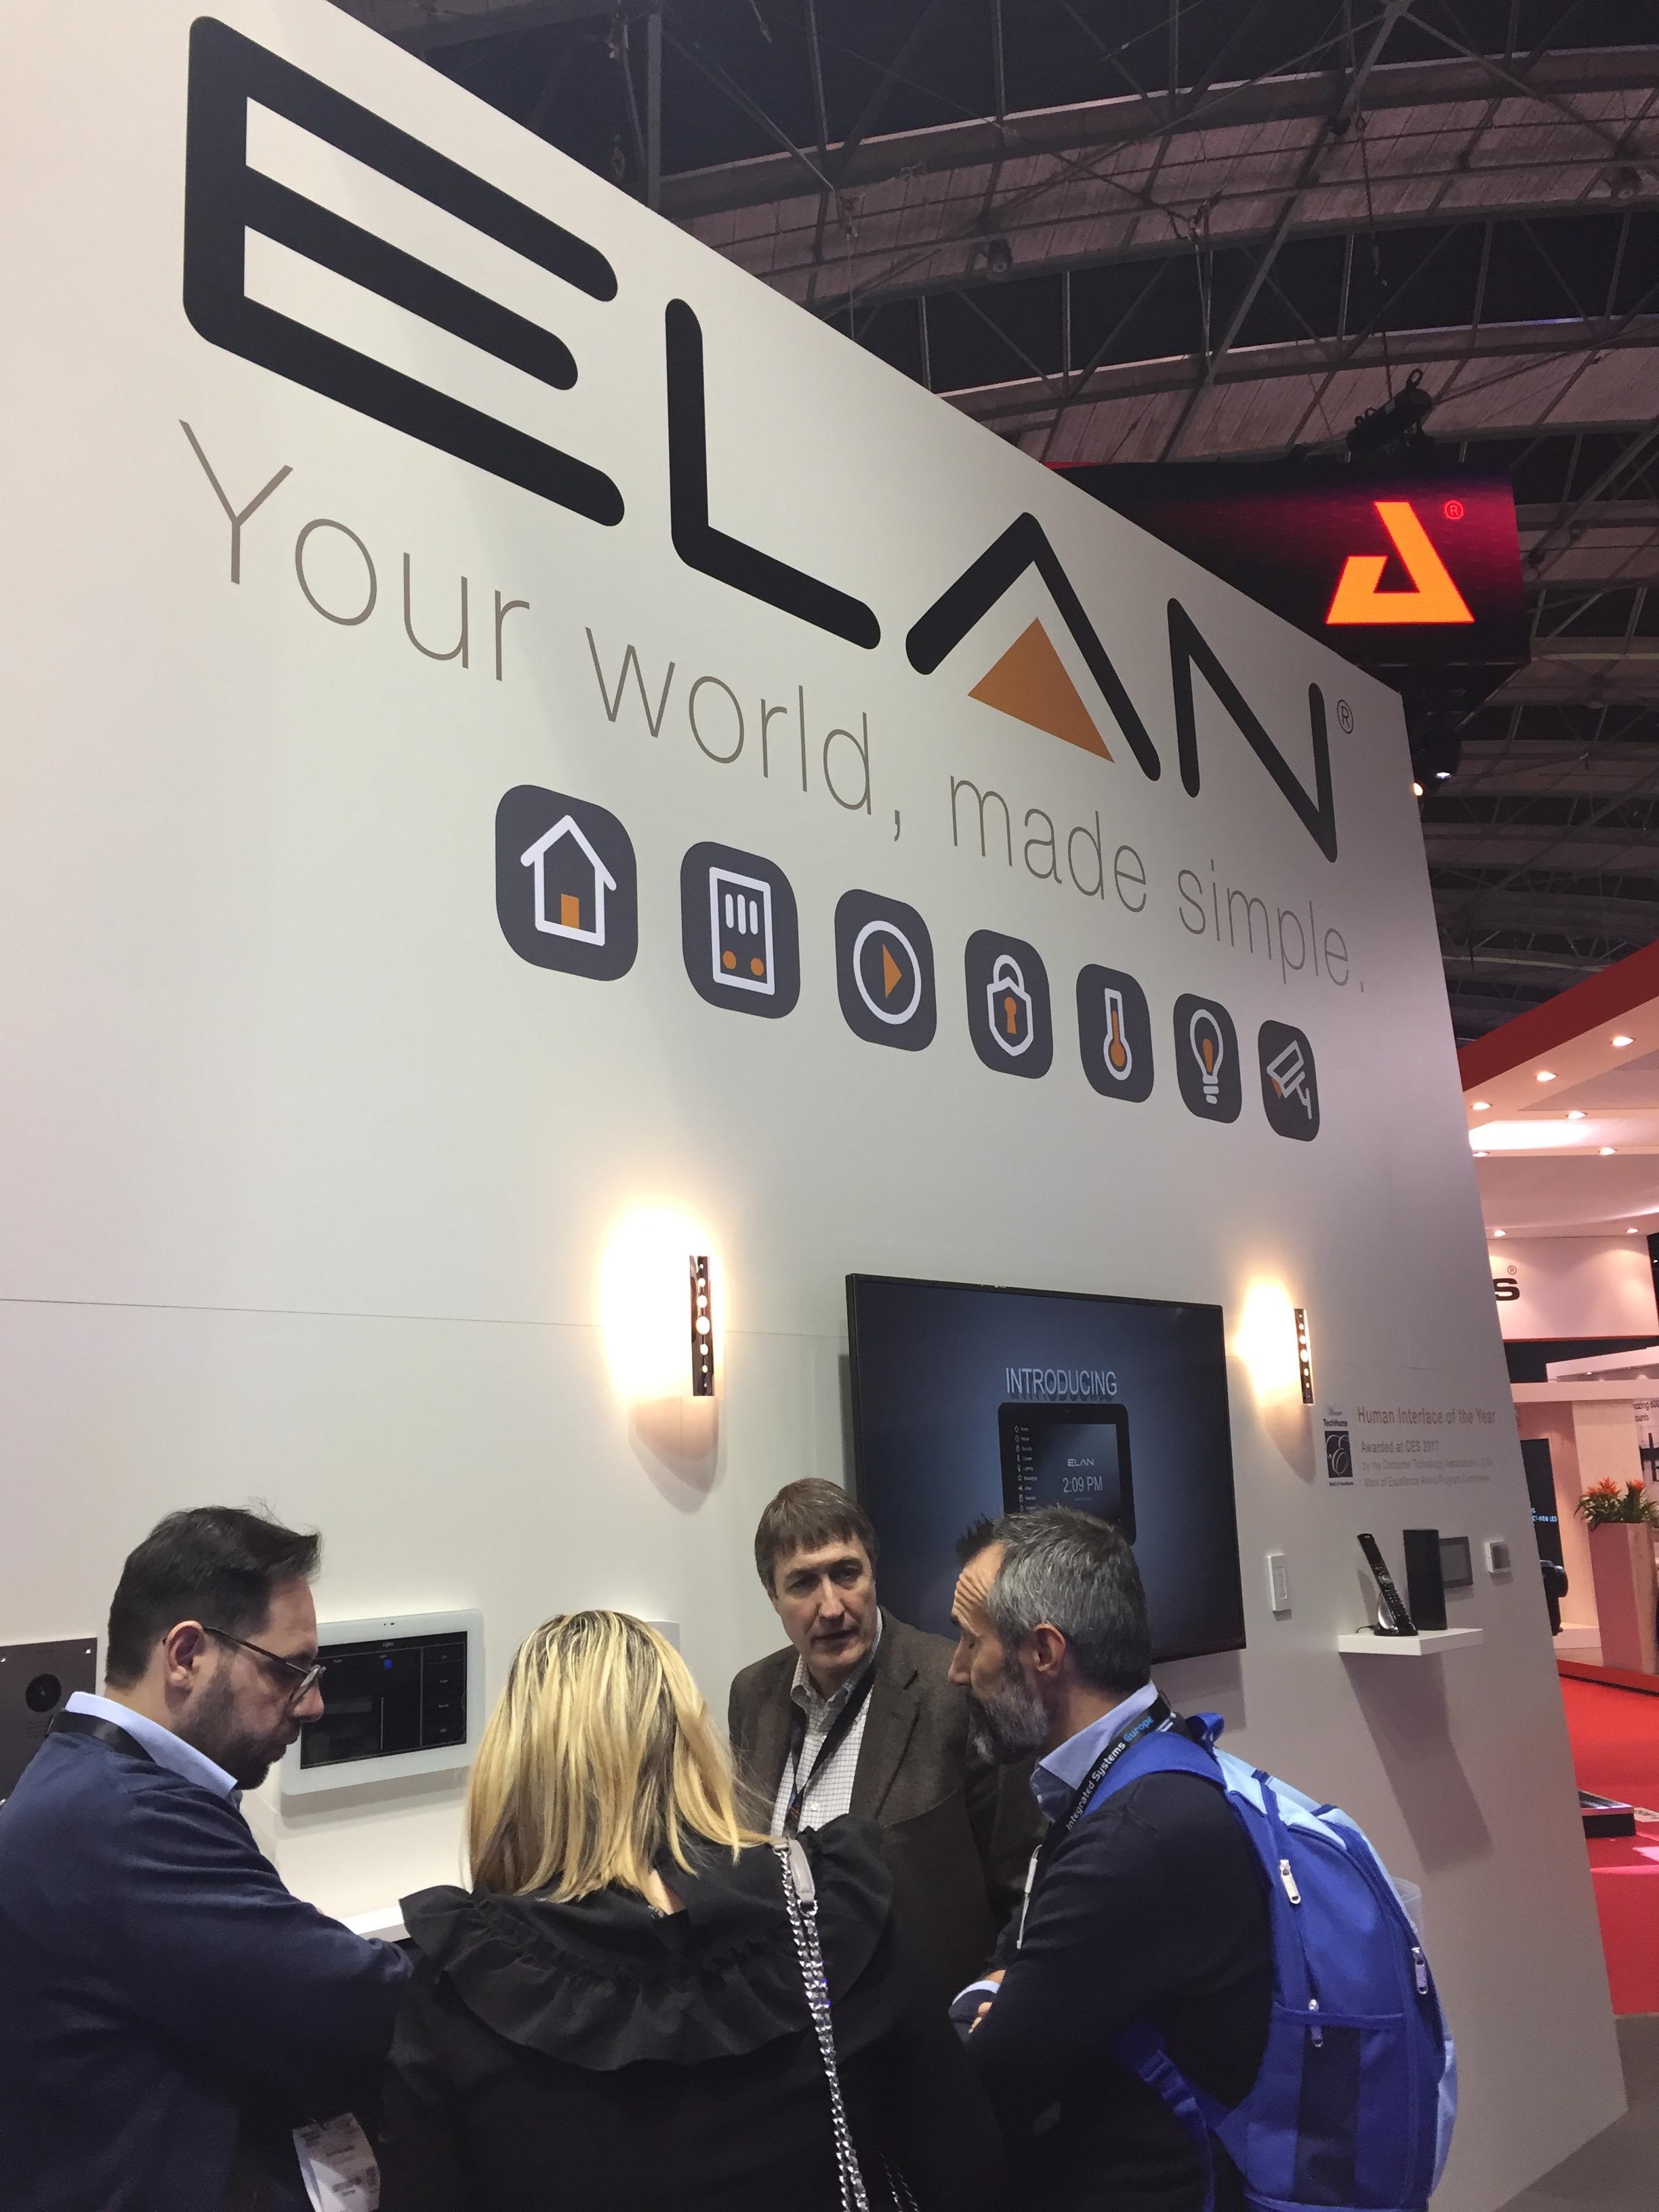 Elan's booth